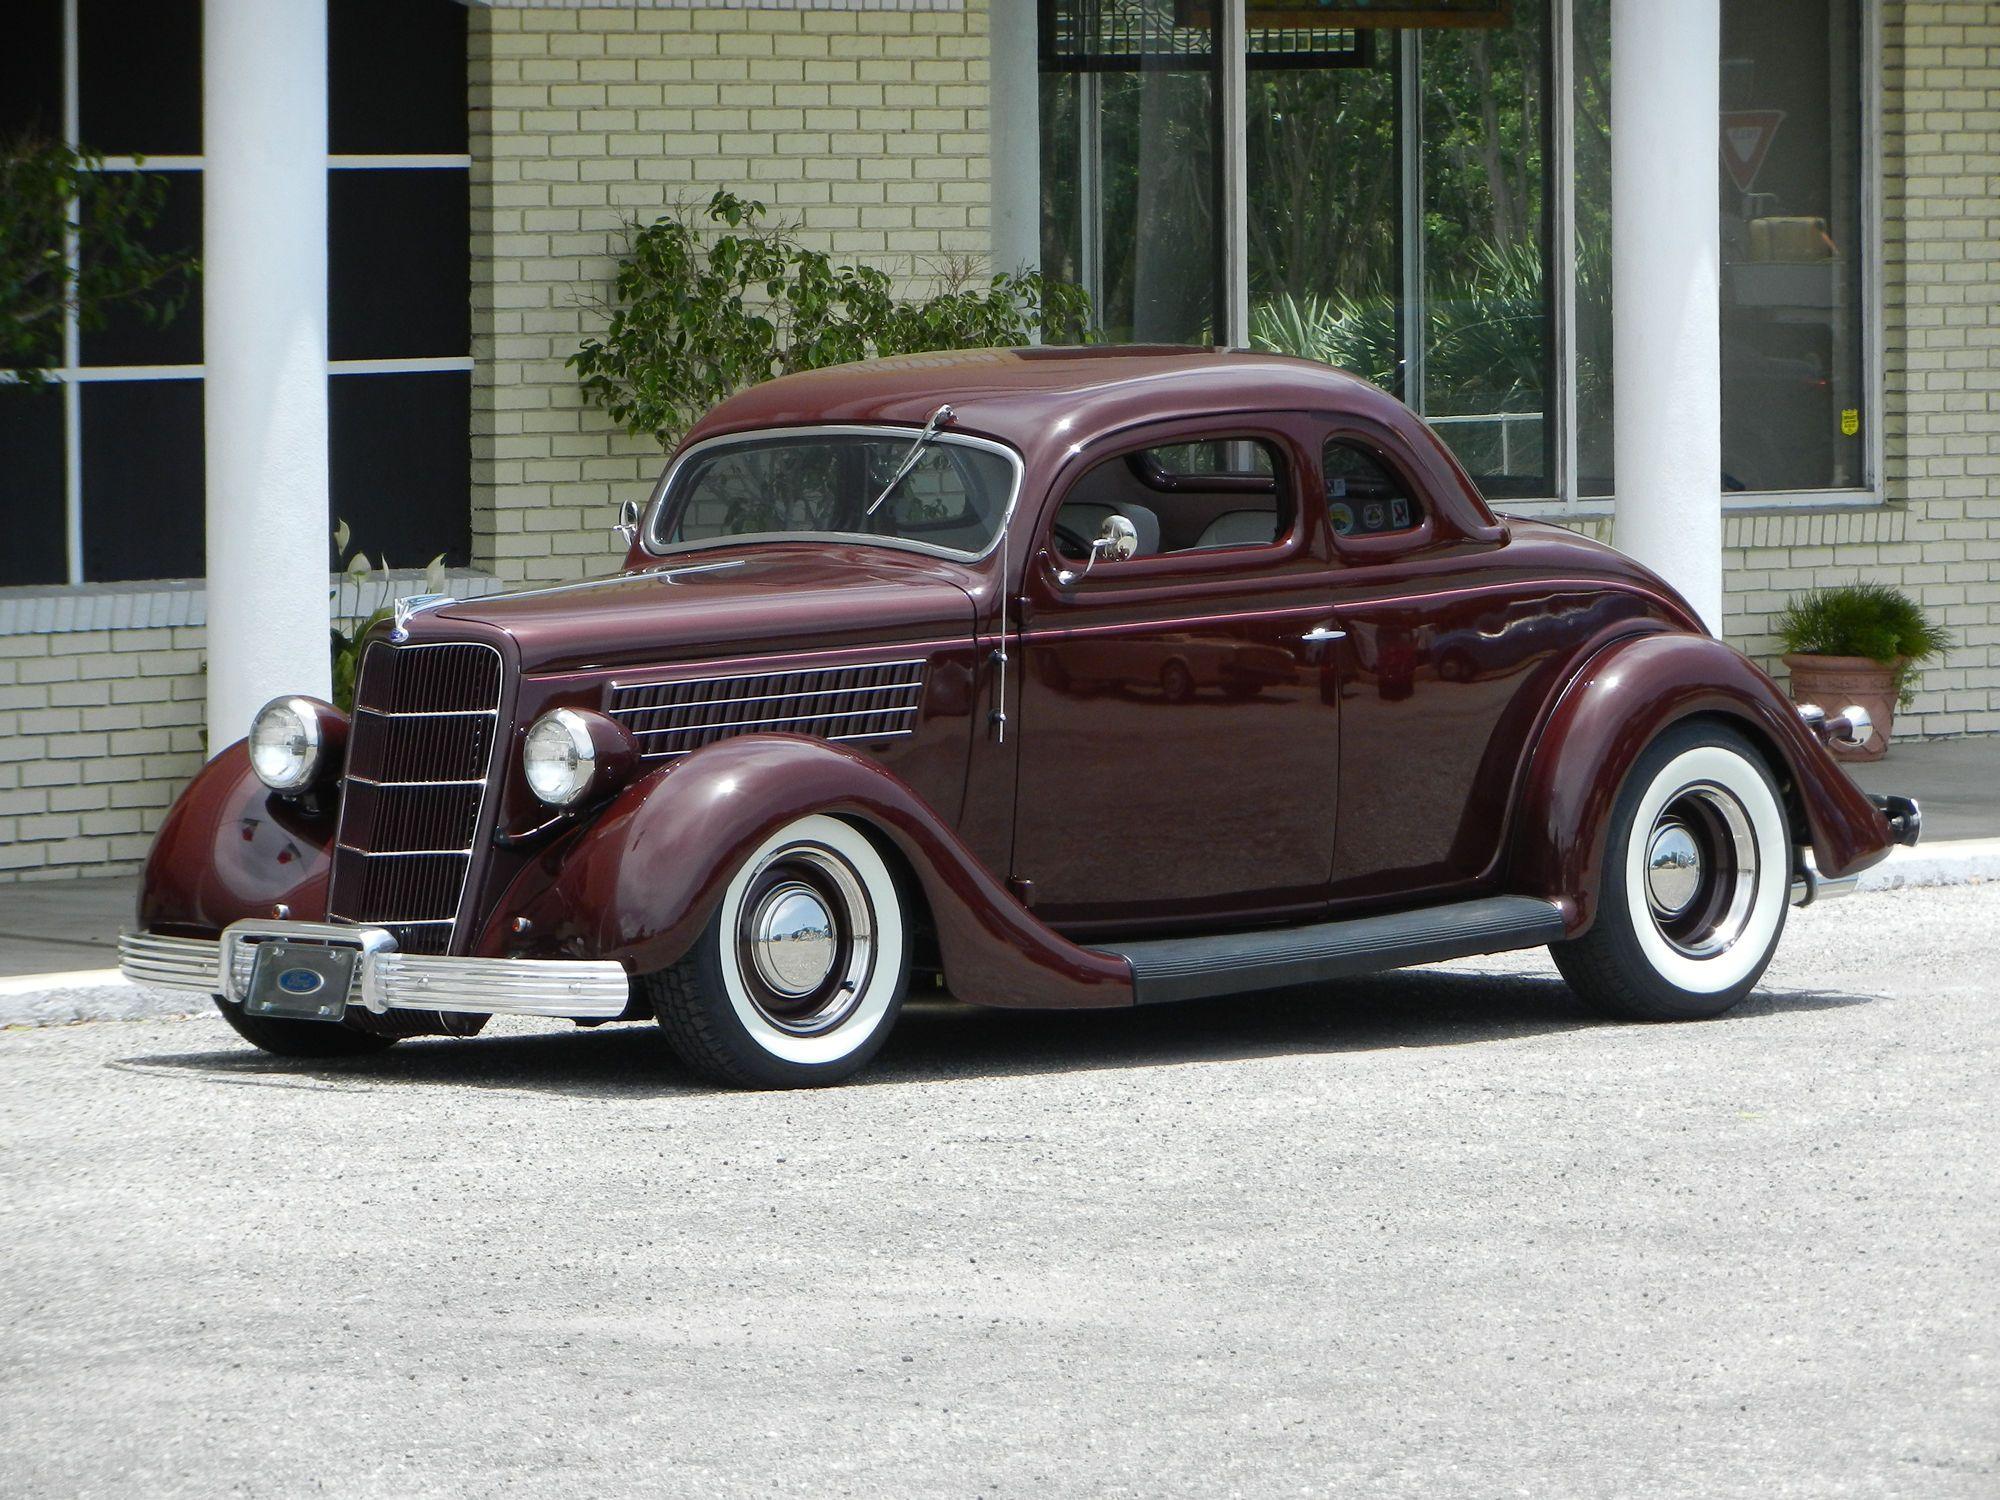 1935 ford 5 windows coupé custom & 1935 ford 5 windows coupé custom | Coupes | Pinterest | Ford Cars ... markmcfarlin.com